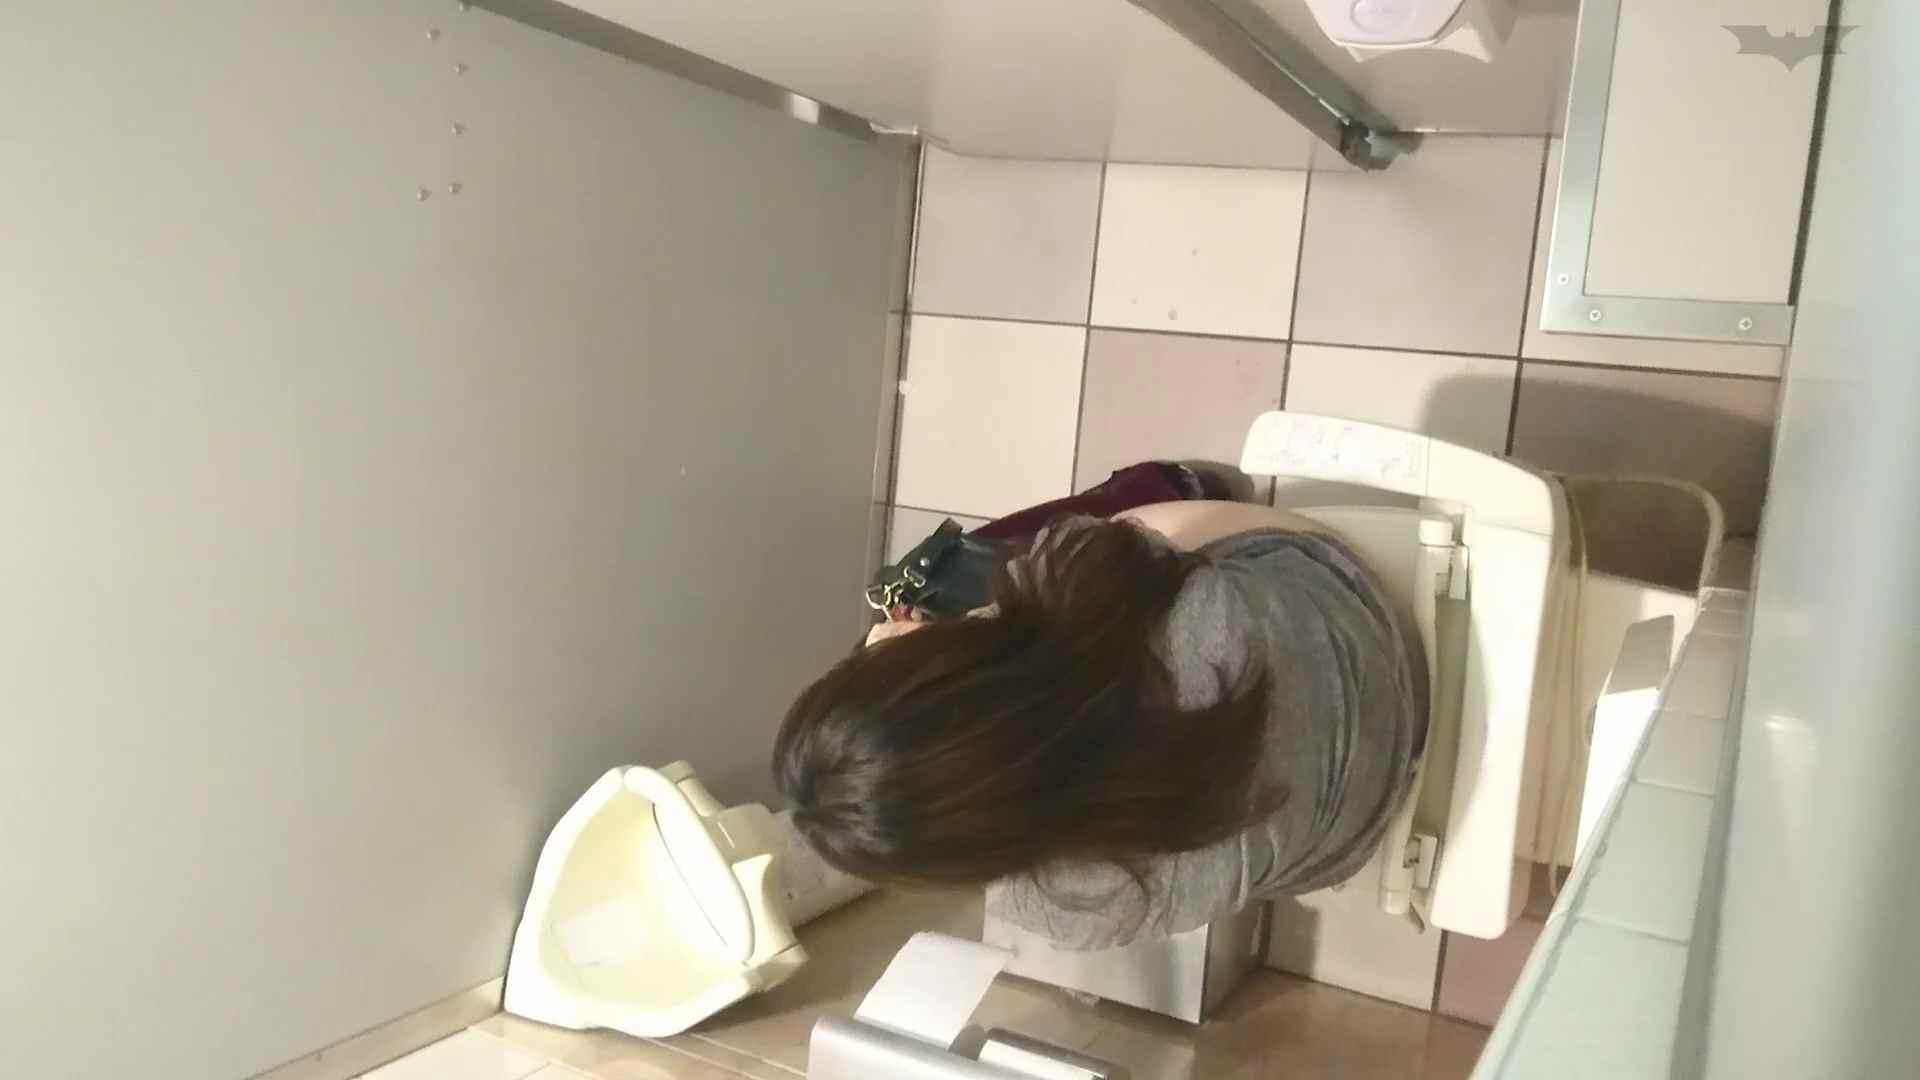 トイレ盗撮 化粧室絵巻 ショッピングモール編 VOL.20 怪盗ジョーカー